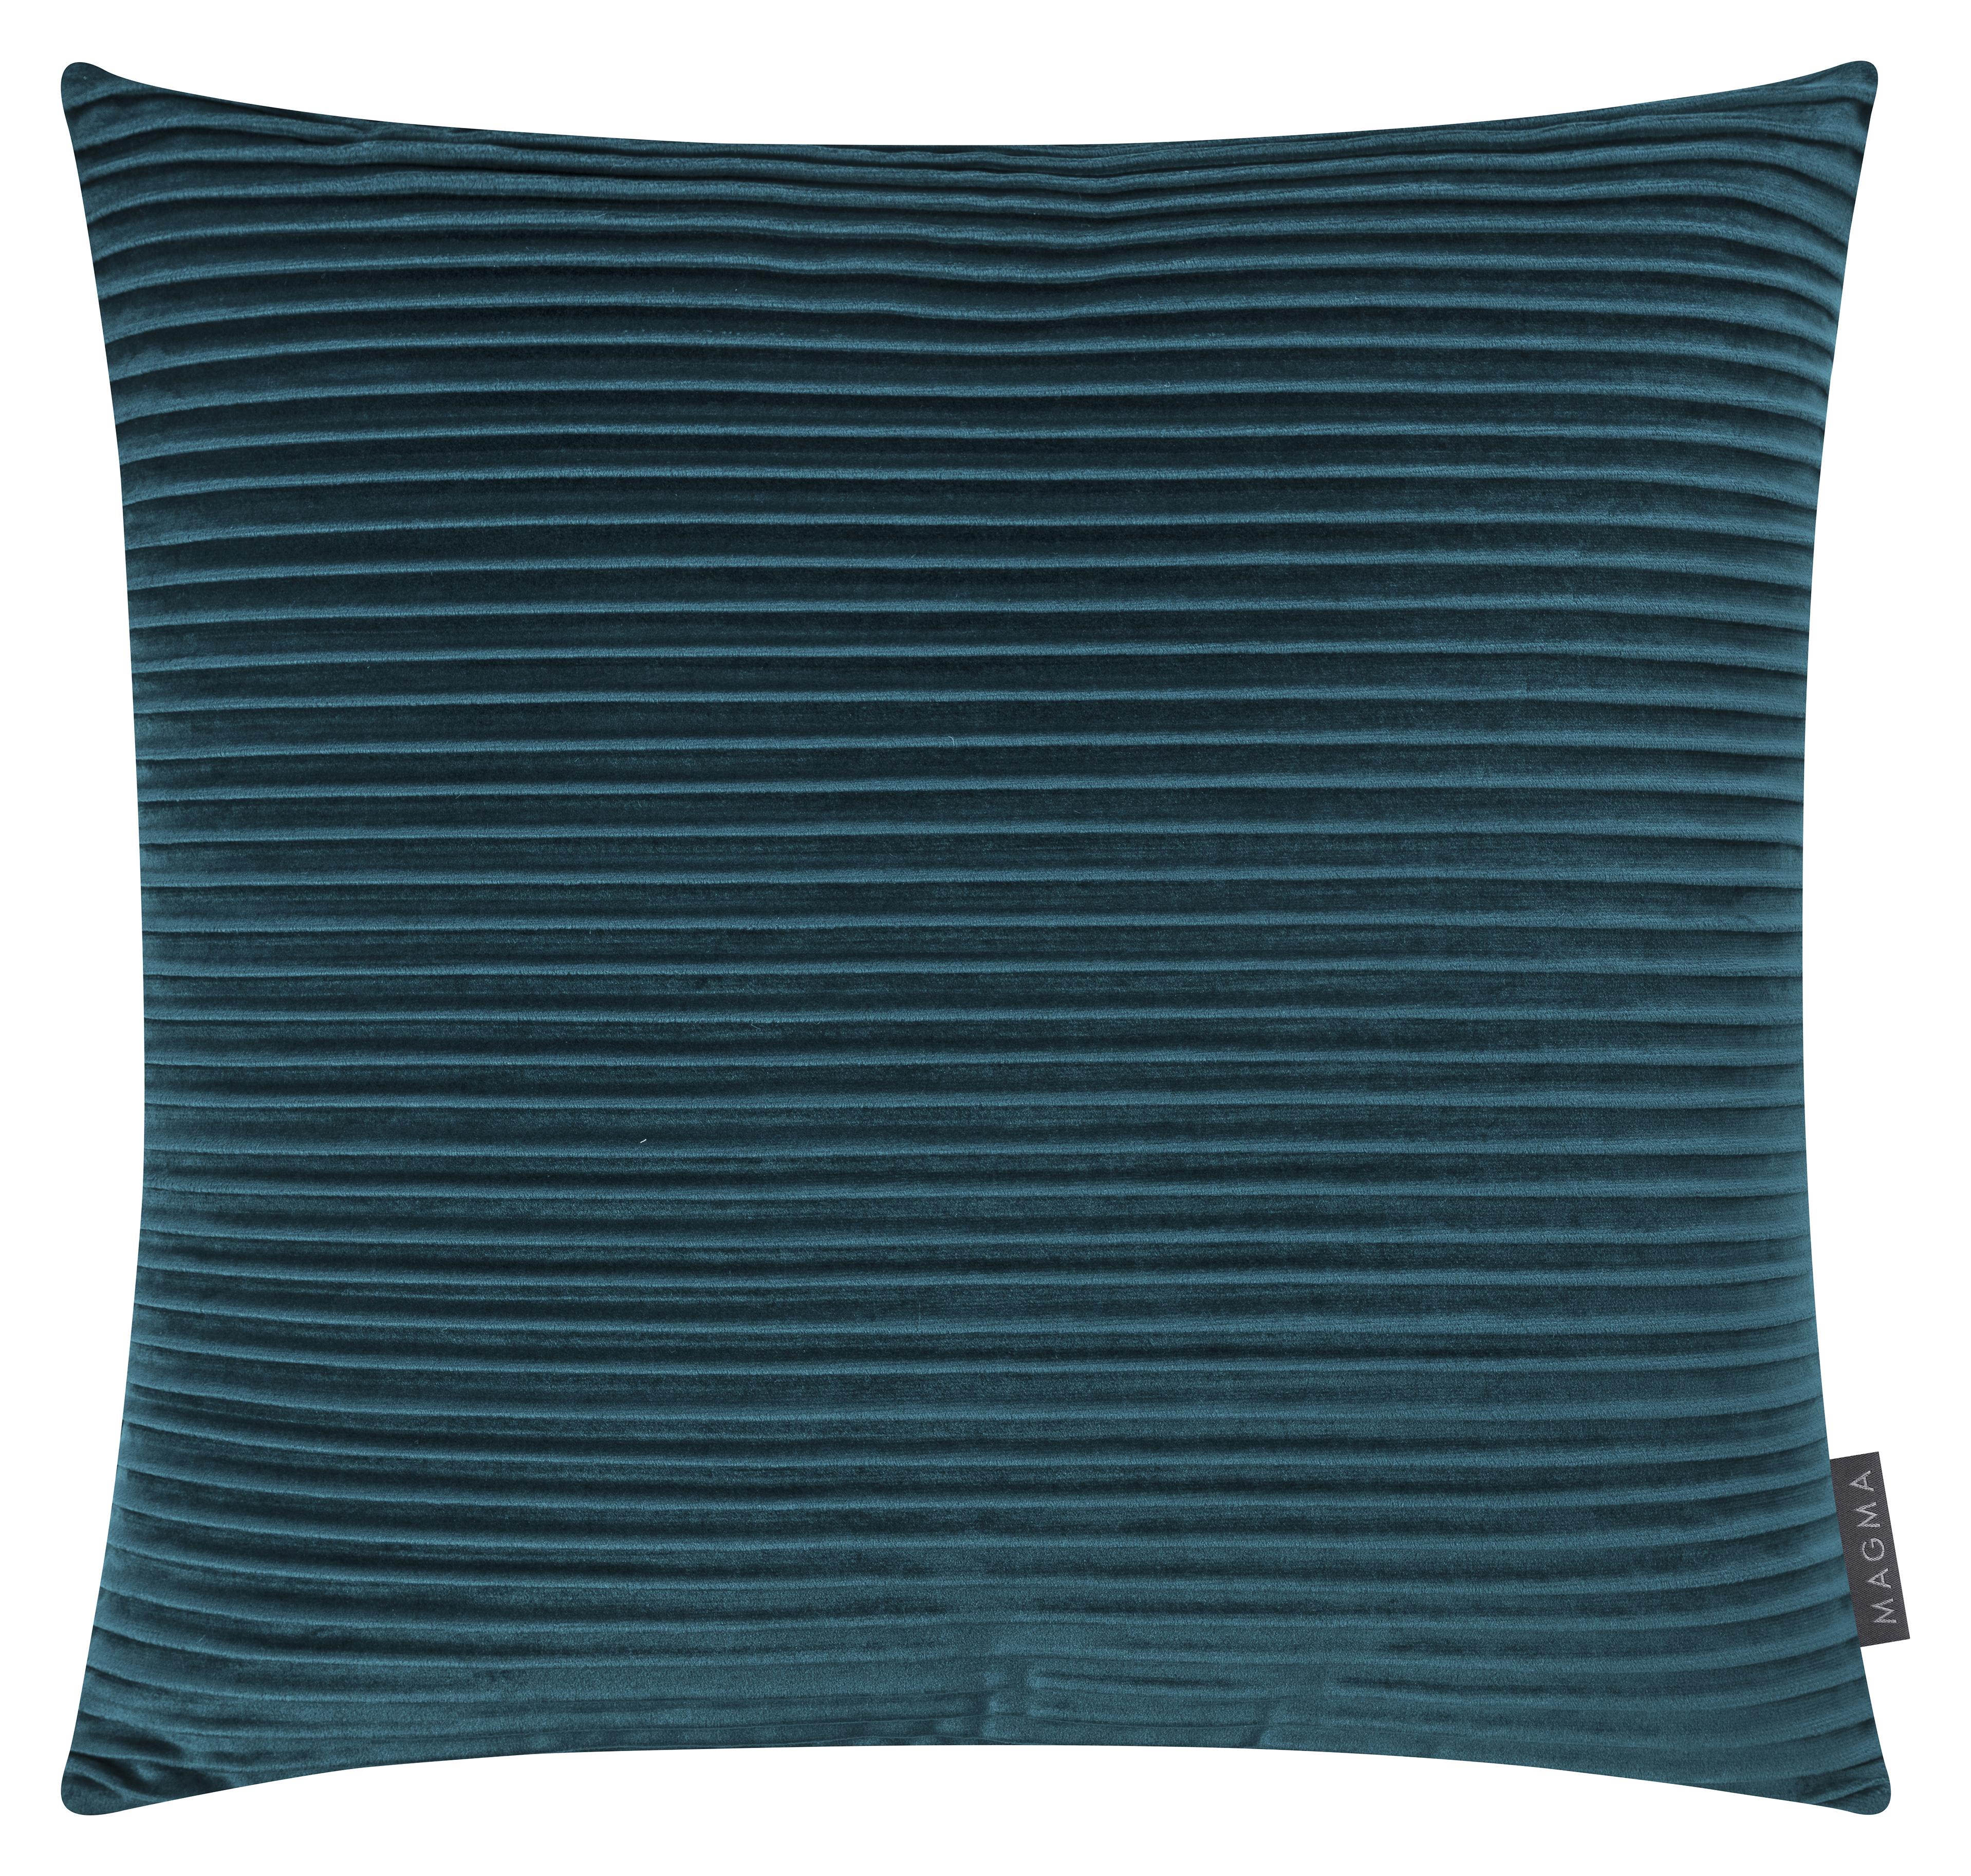 Housses de coussin velours plissé bleu pétrole 50x50 - Lot de 2